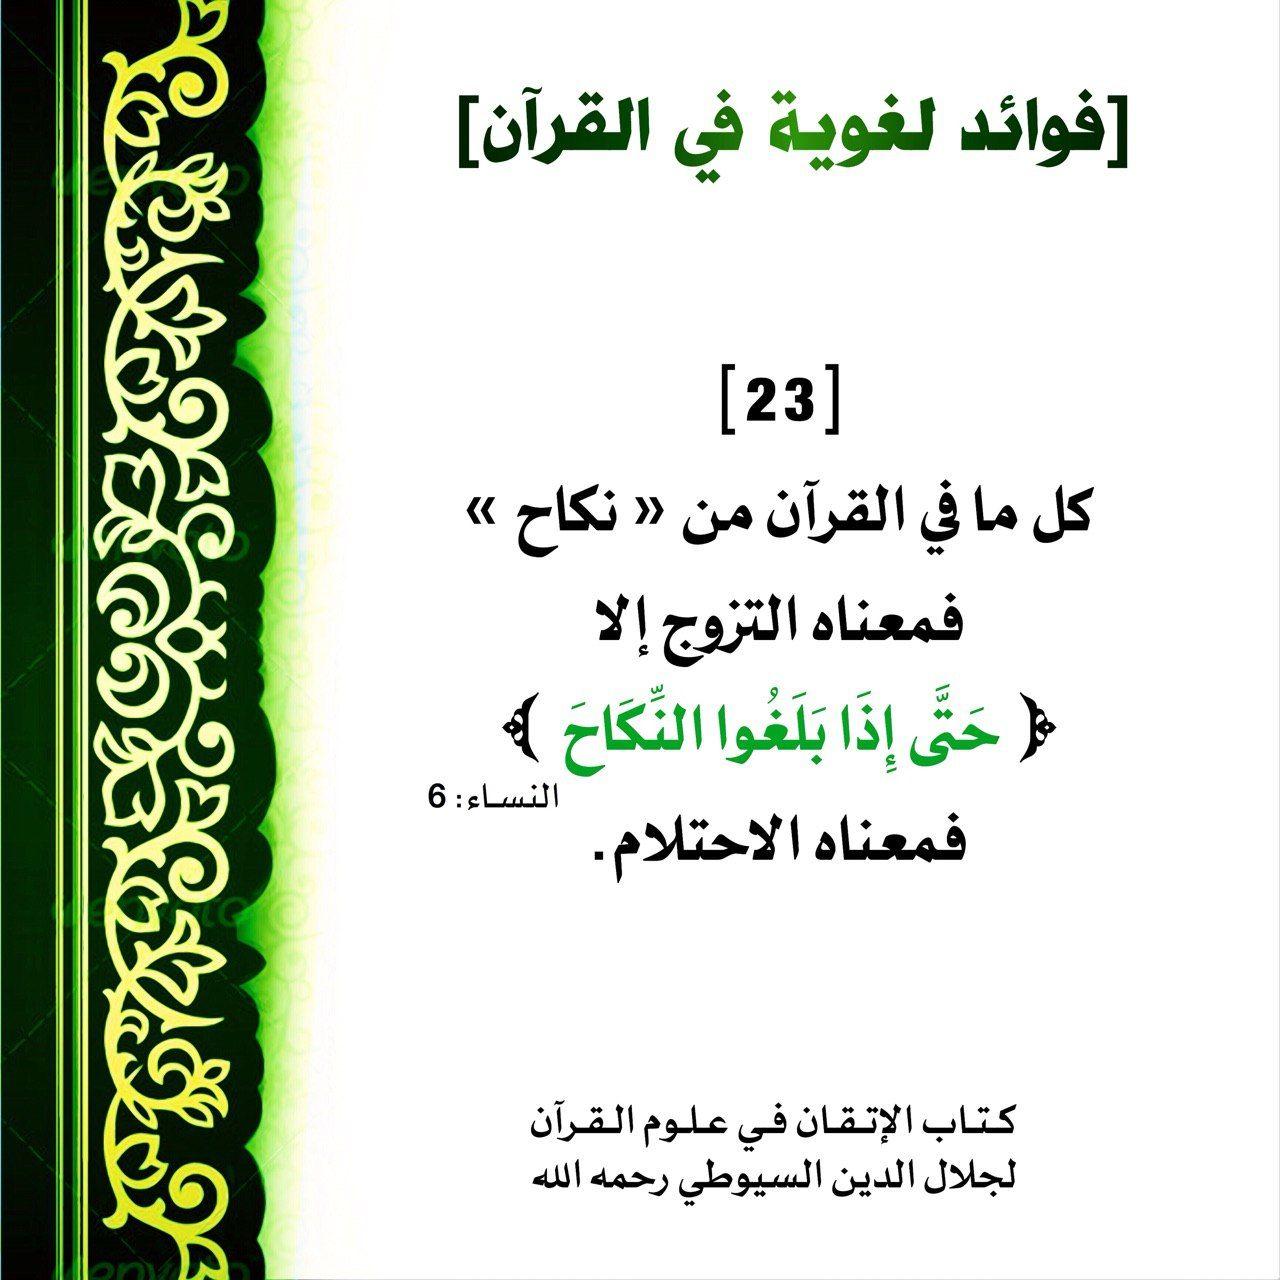 Pin By Musk Holder حامل المسك On 04 4 Lbitq فوائد لغوية في القرآن Quran Tafseer Quran Verses Love Quotes Wallpaper